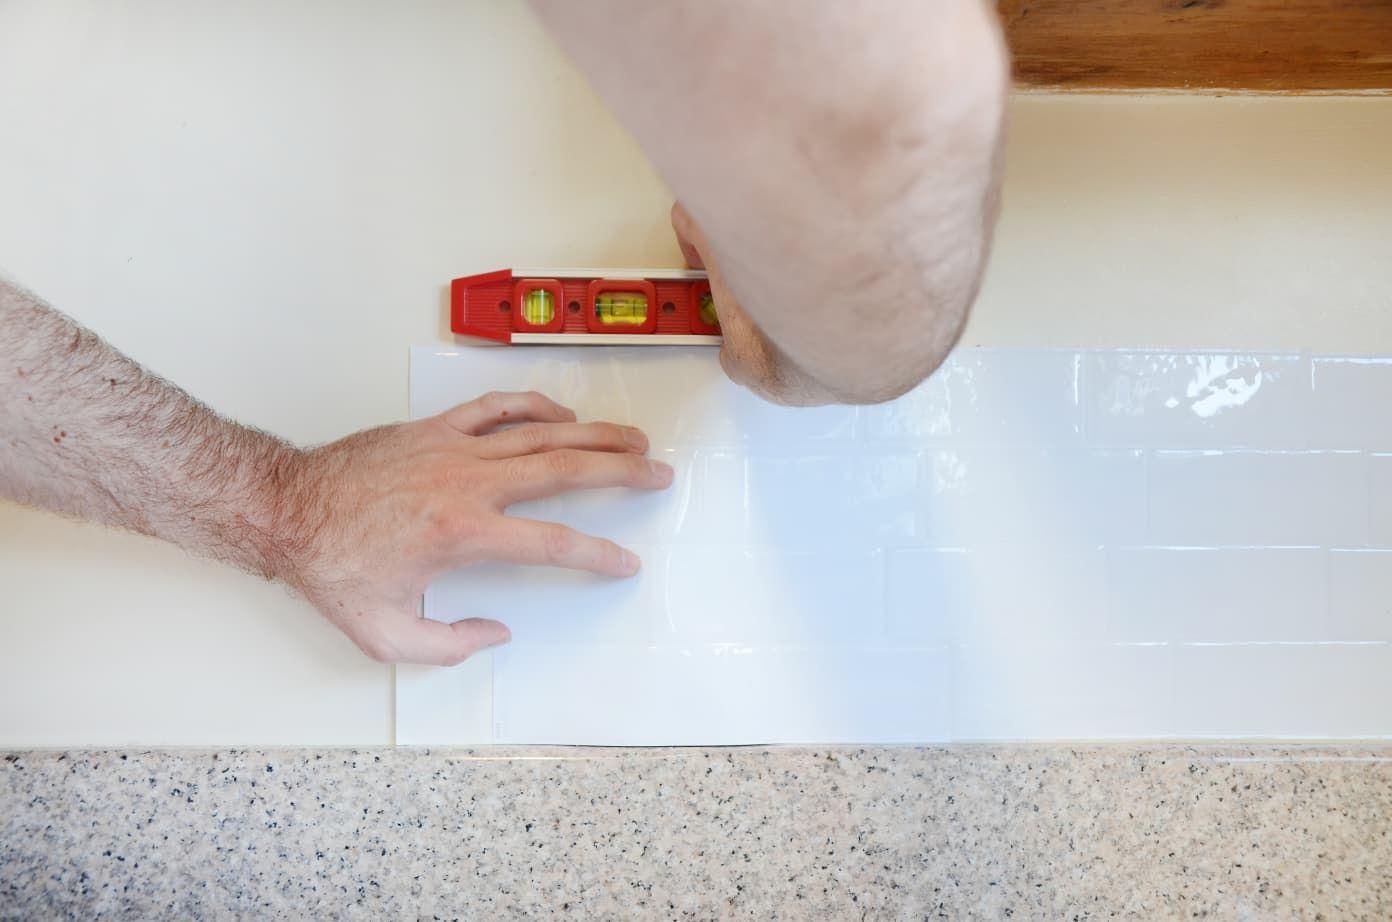 Not In Love With Your Backsplash We Tested Adhesive Removable Smart Tiles Smart Tiles Smart Tiles Backsplash Renter Friendly